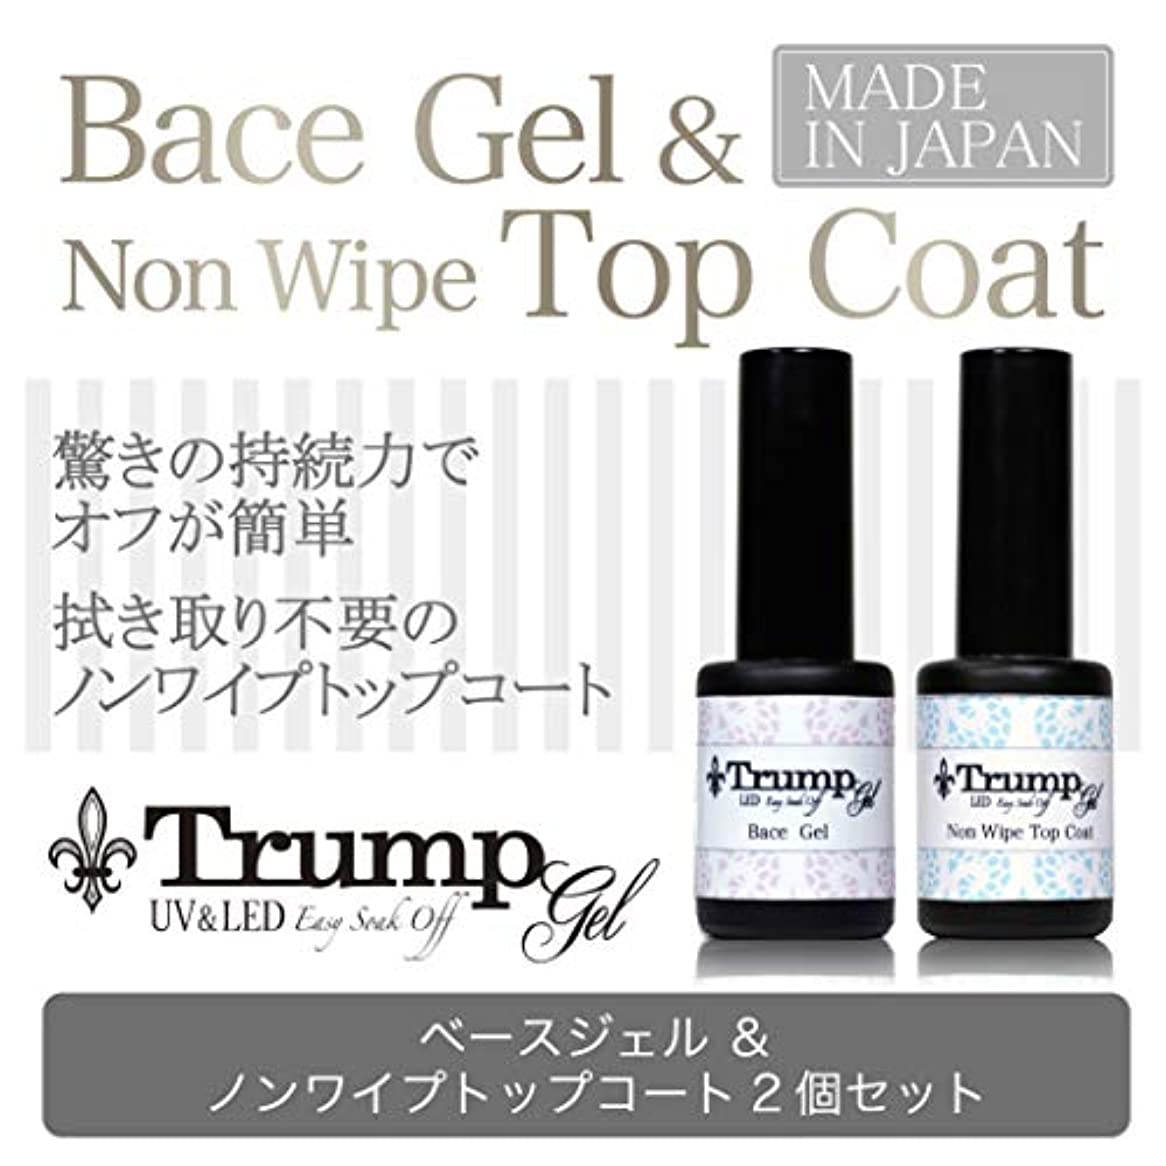 圧縮する腐った割る【日本製】Trump Gel ジェルネイルUV LED ベースジェル & ノンワイプトップコート 大容量10g×2本セット